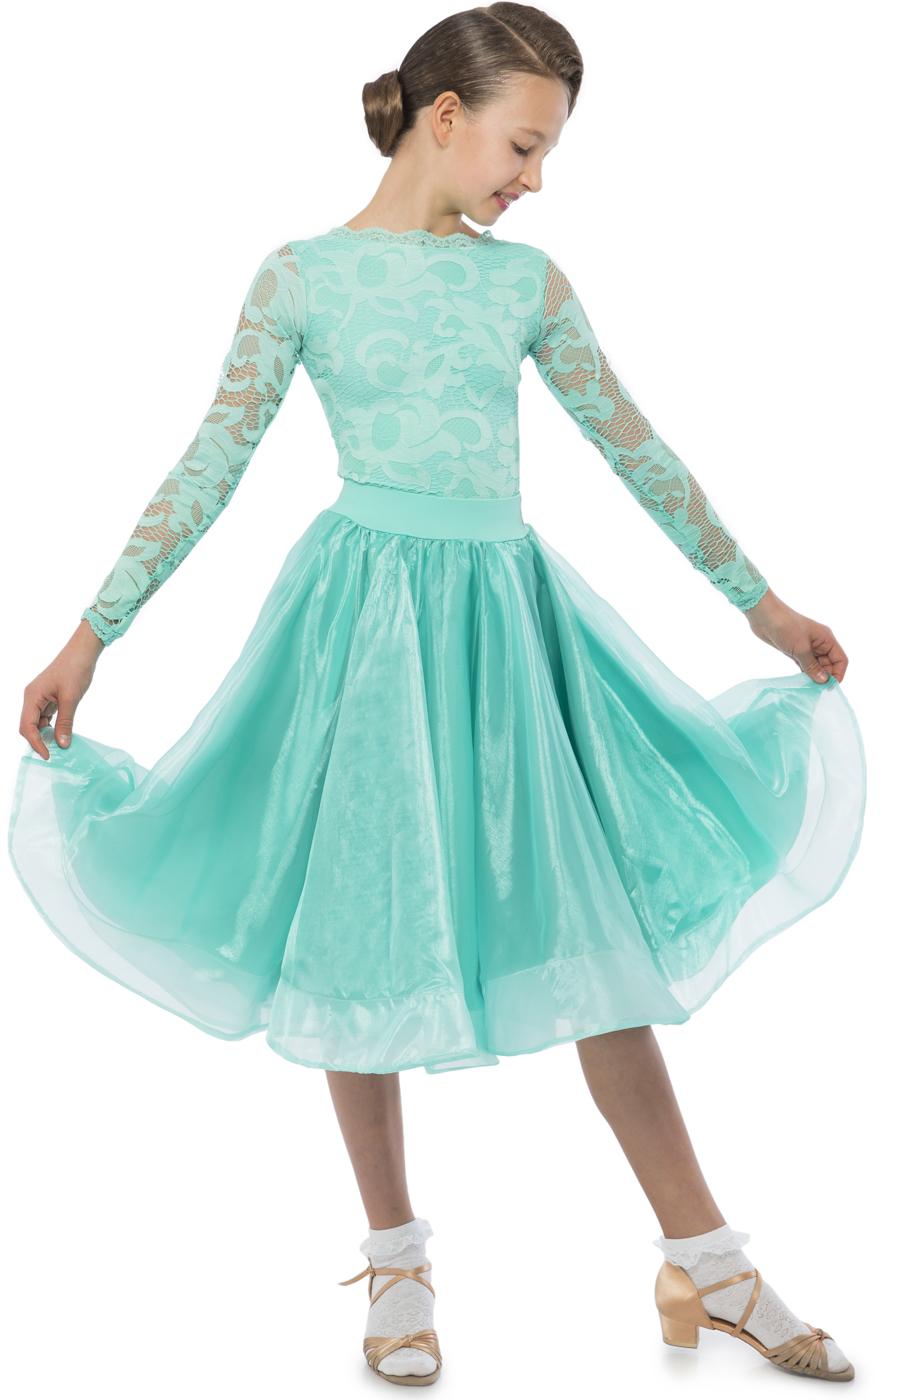 Elsa juvenile 3 piece dress